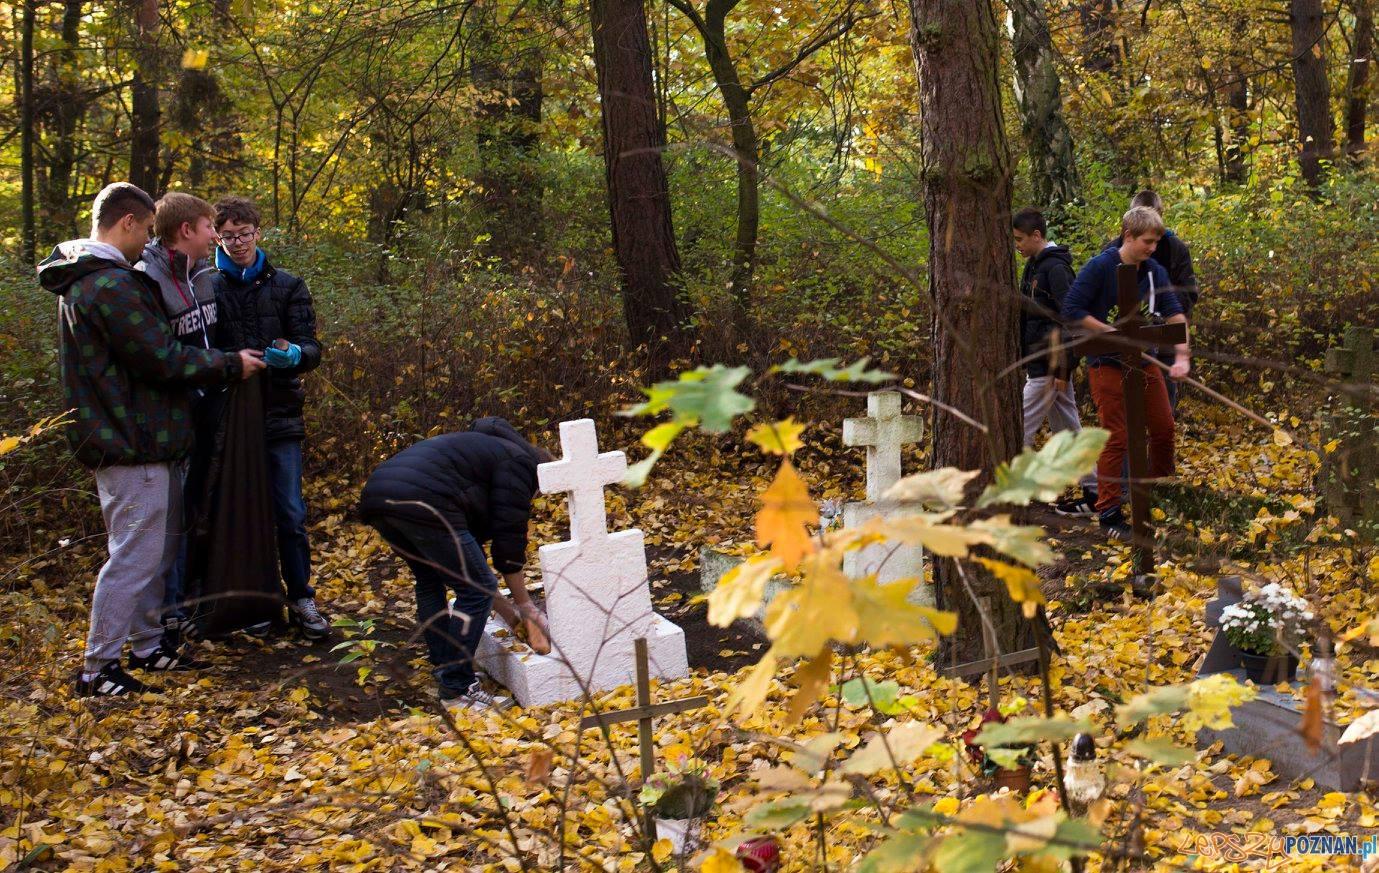 Porządki na zapomnianym cmentarzu  Foto: Gimnazjum 22 w Poznaniu